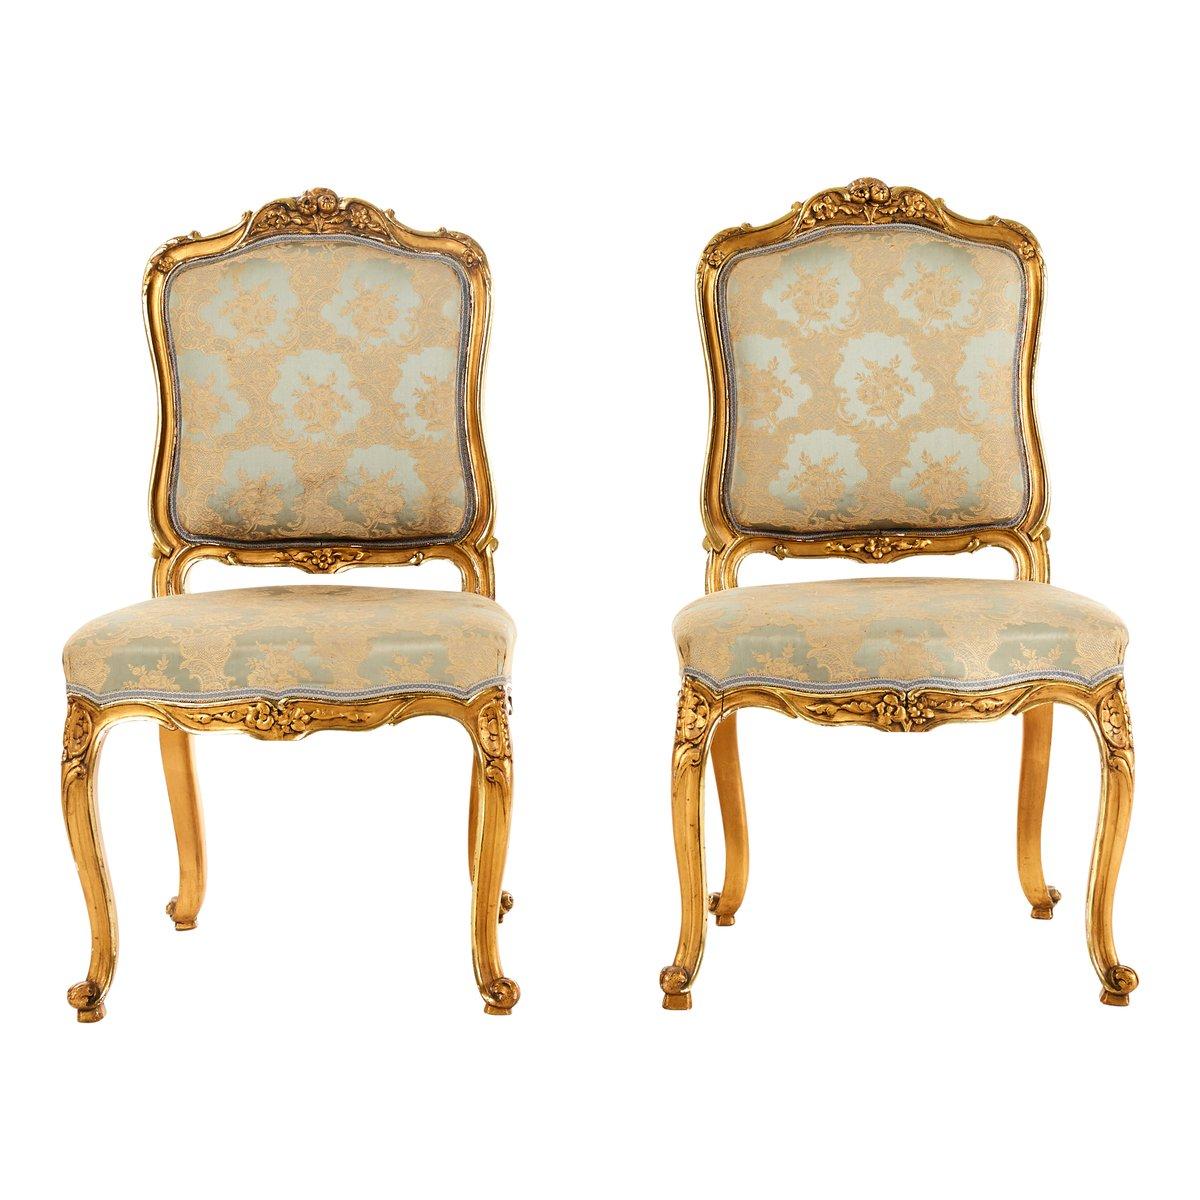 chaises antiques style louis xv set de 2 en vente sur pamono. Black Bedroom Furniture Sets. Home Design Ideas